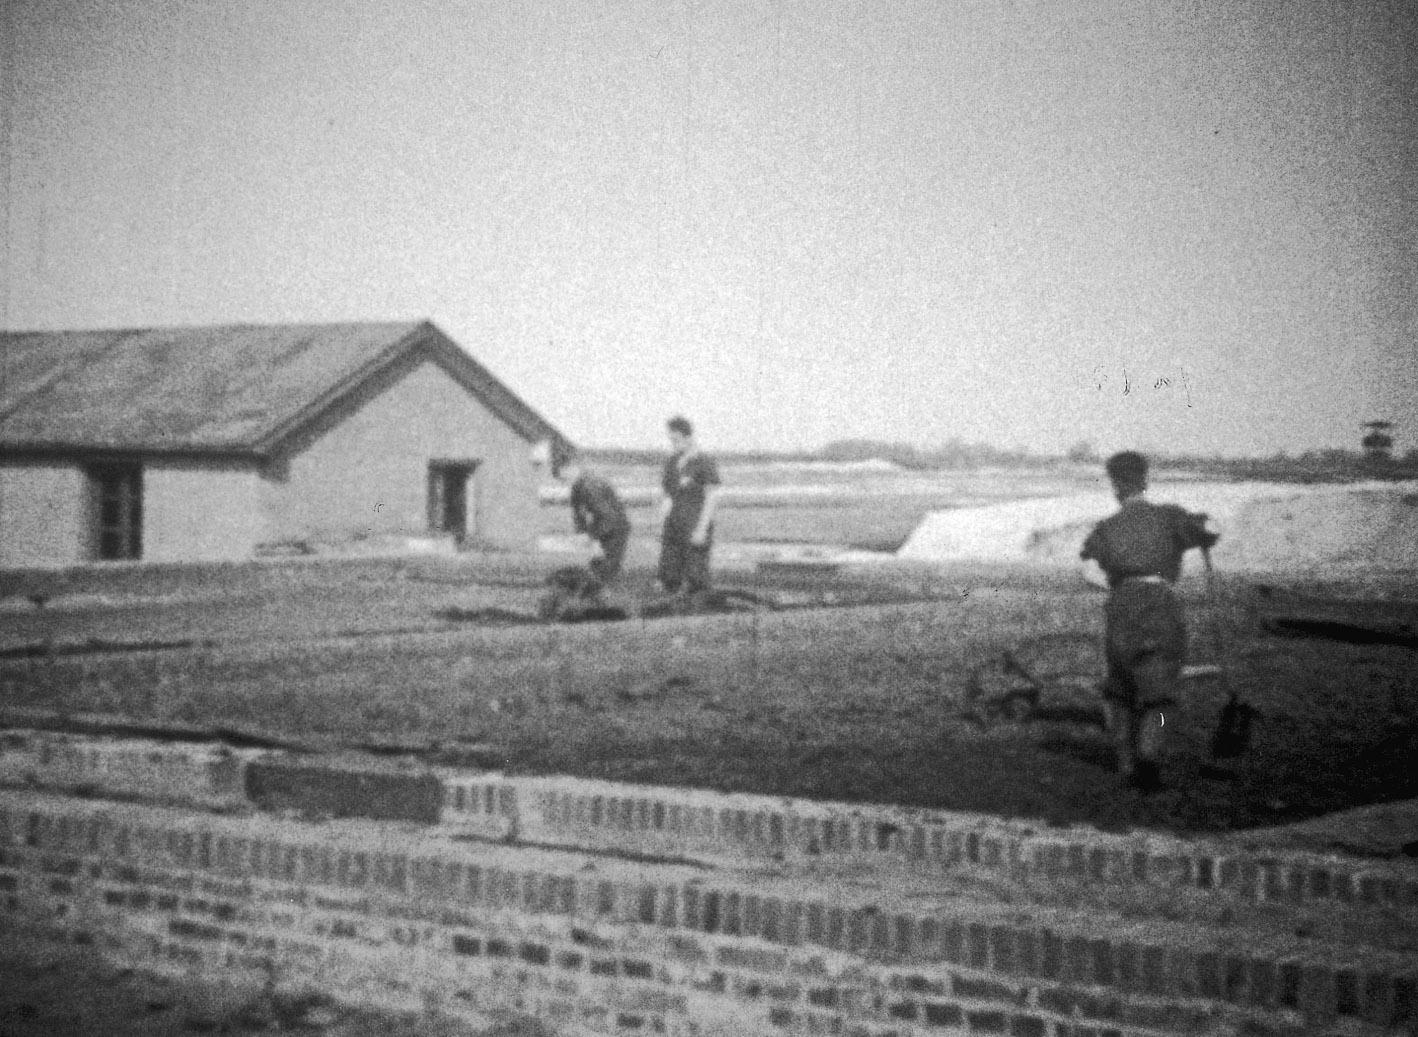 Via de waterzuivering van kamp Westerbork werden gevangenen het kamp uit gesmokkeld.